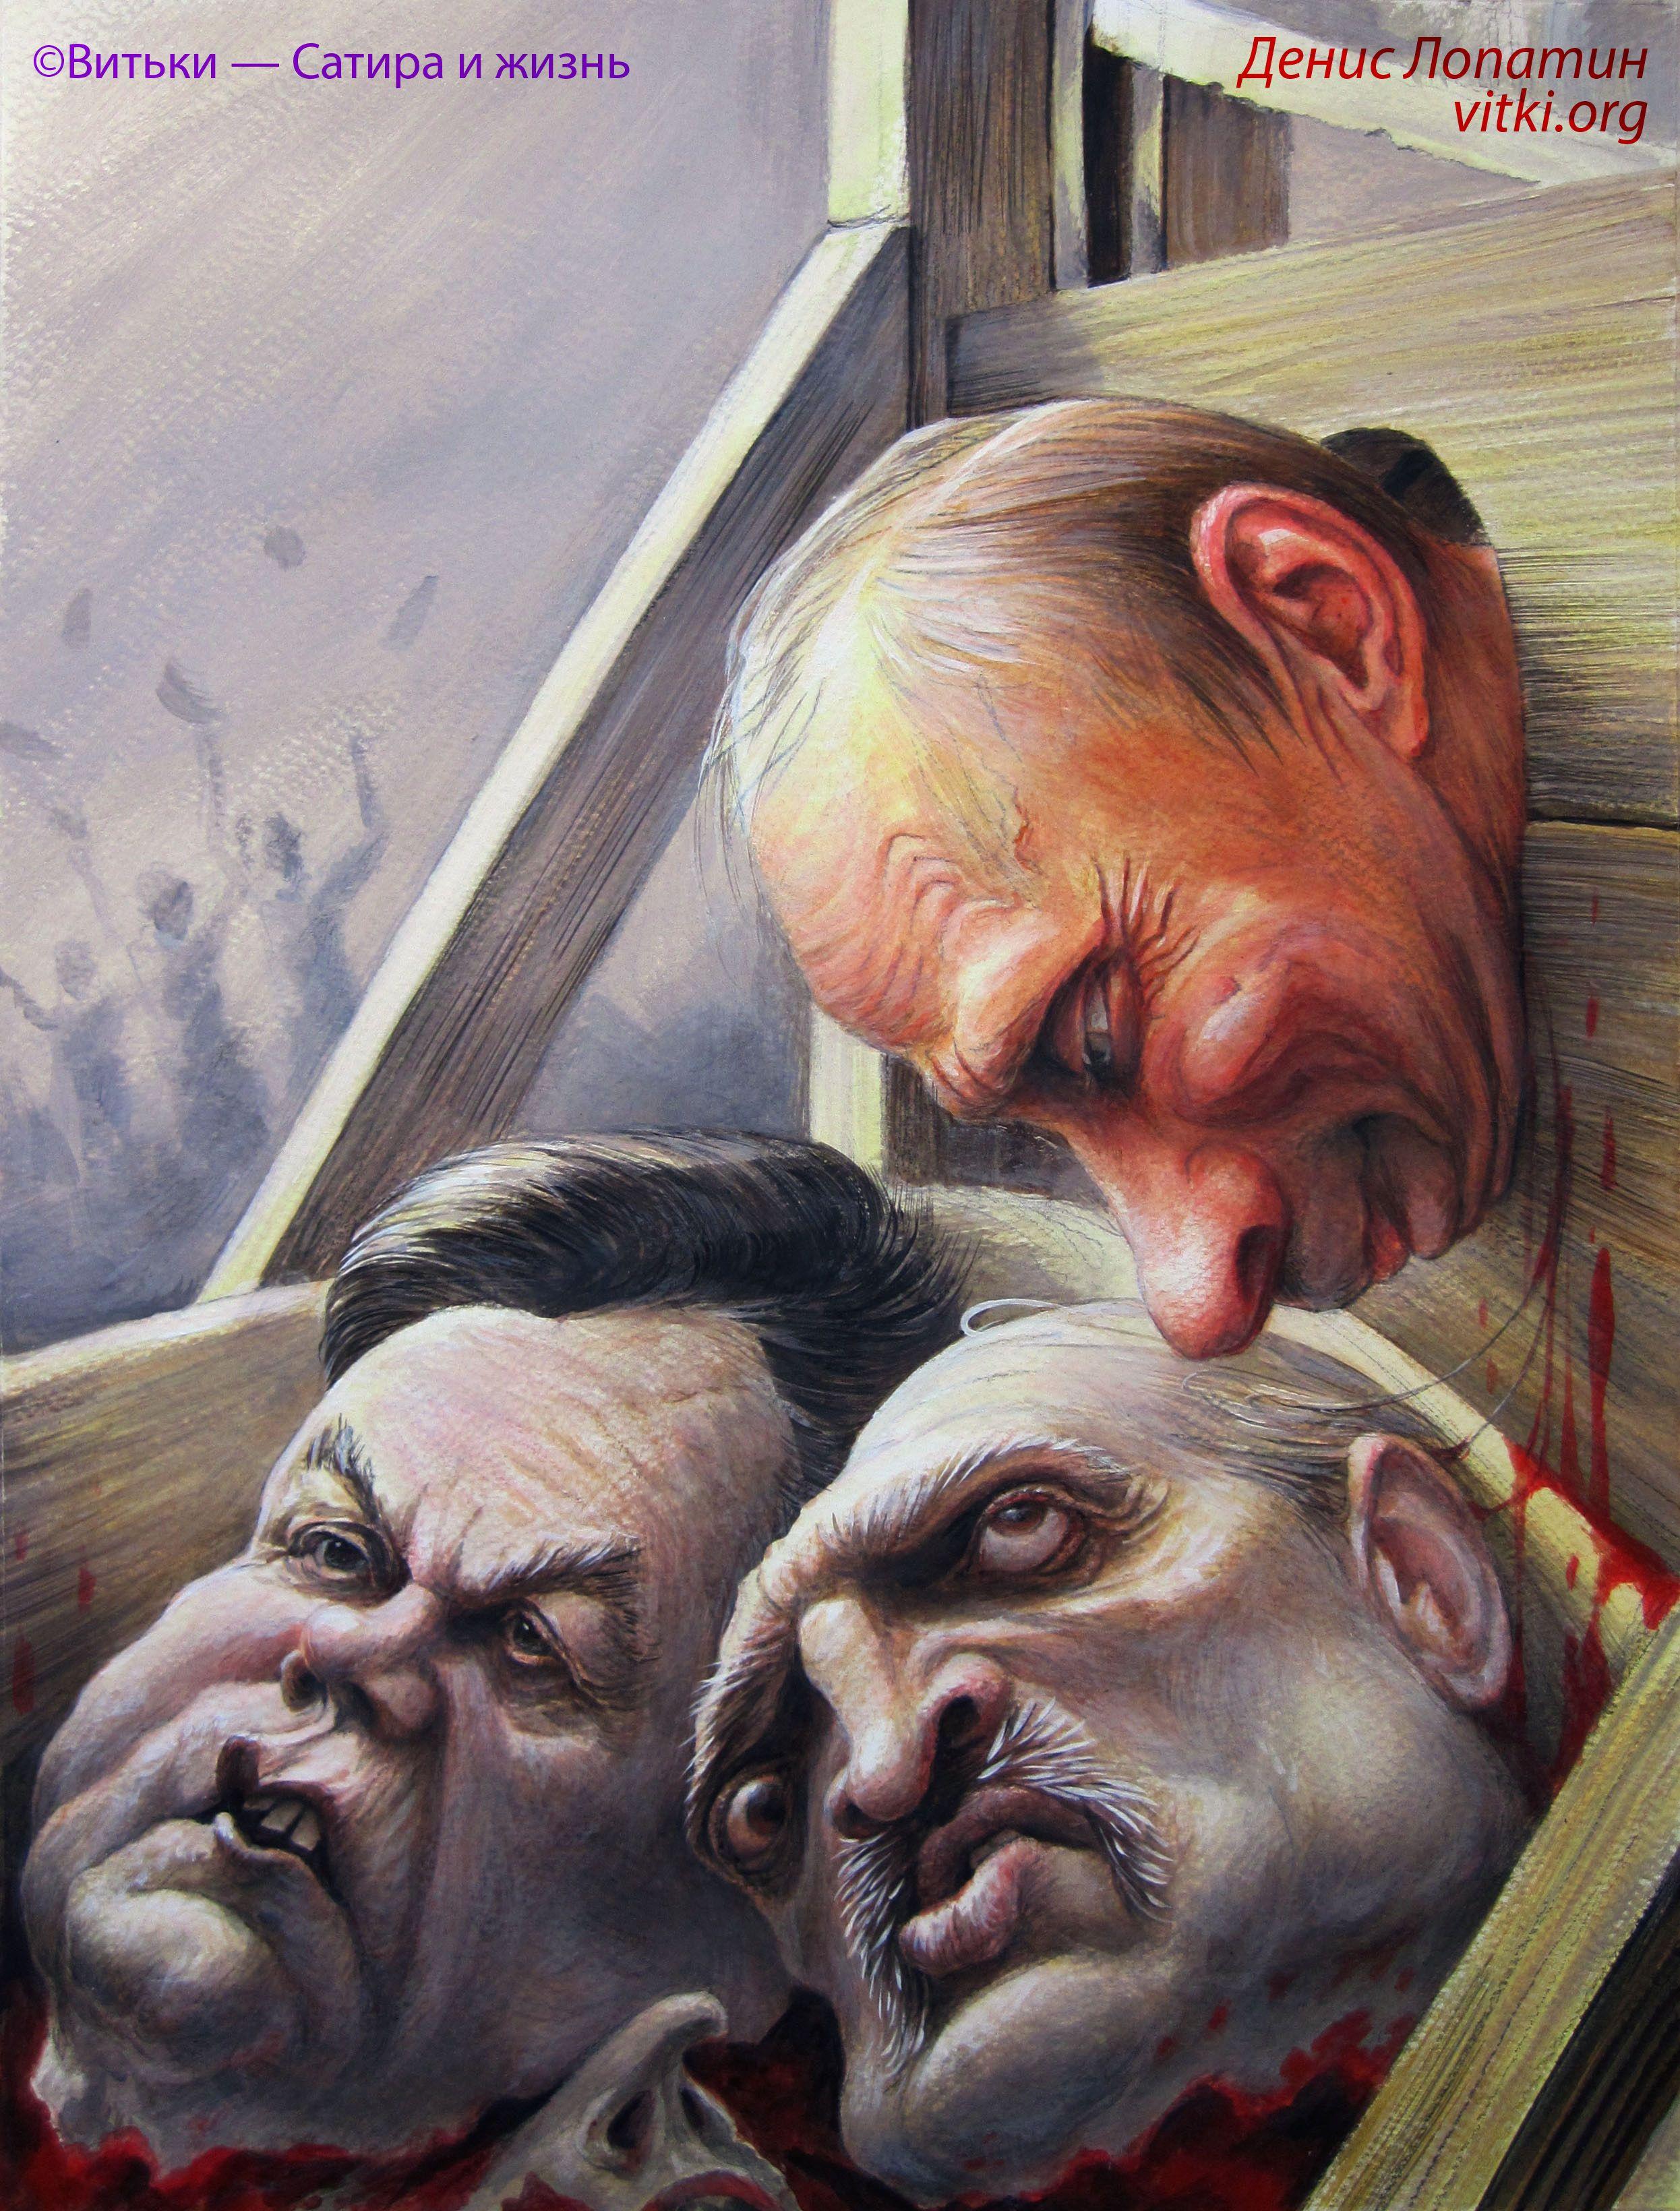 Сатирические политические картинки